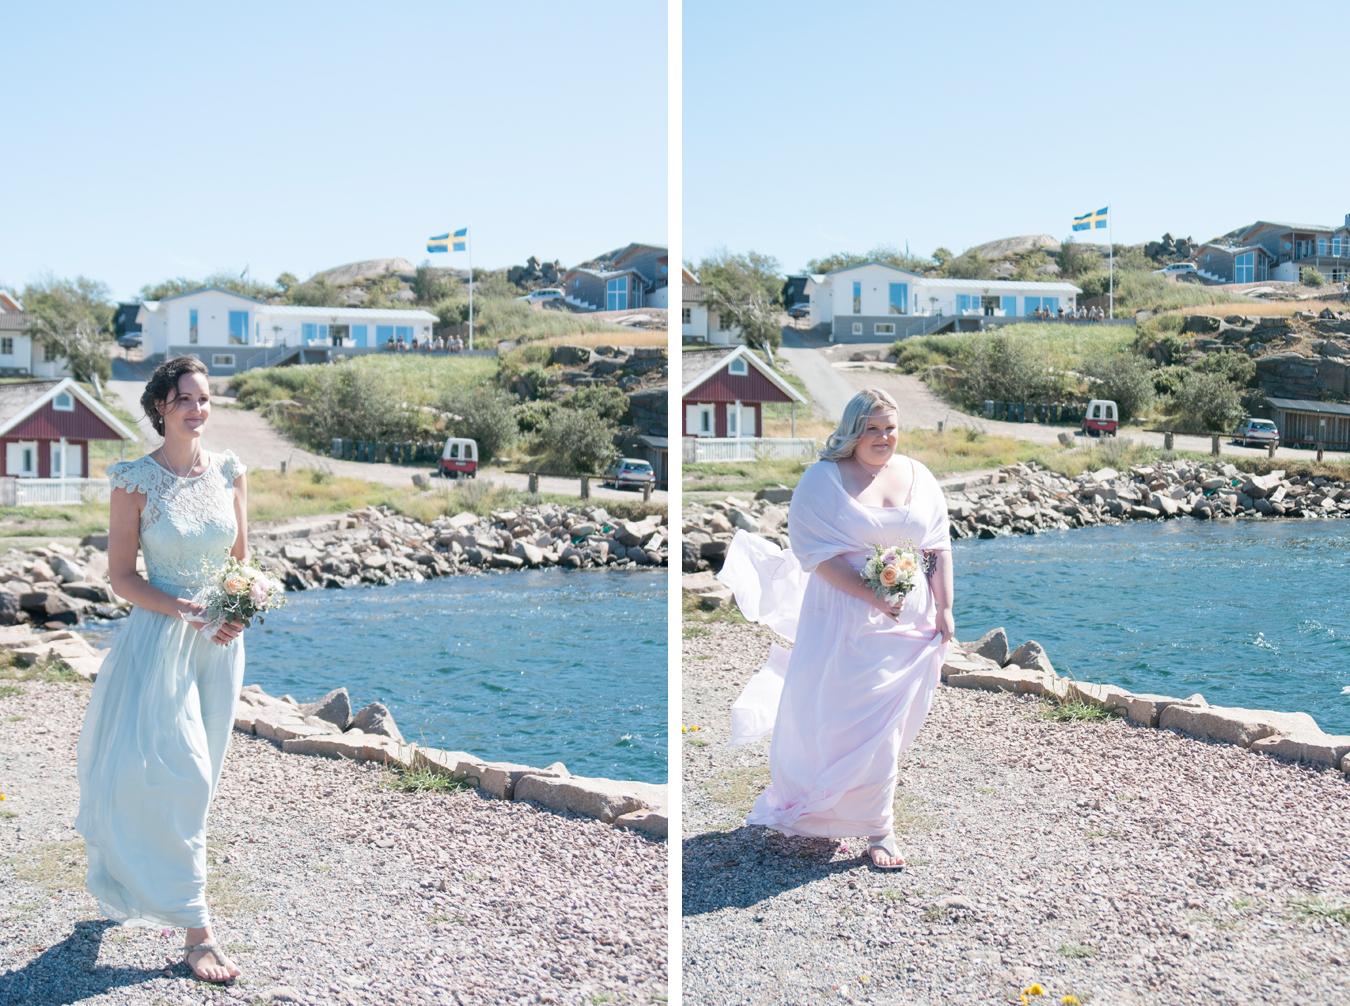 020-bröllopsfotograf-ulebergshamn-göteborg-neas-fotografi.jpg